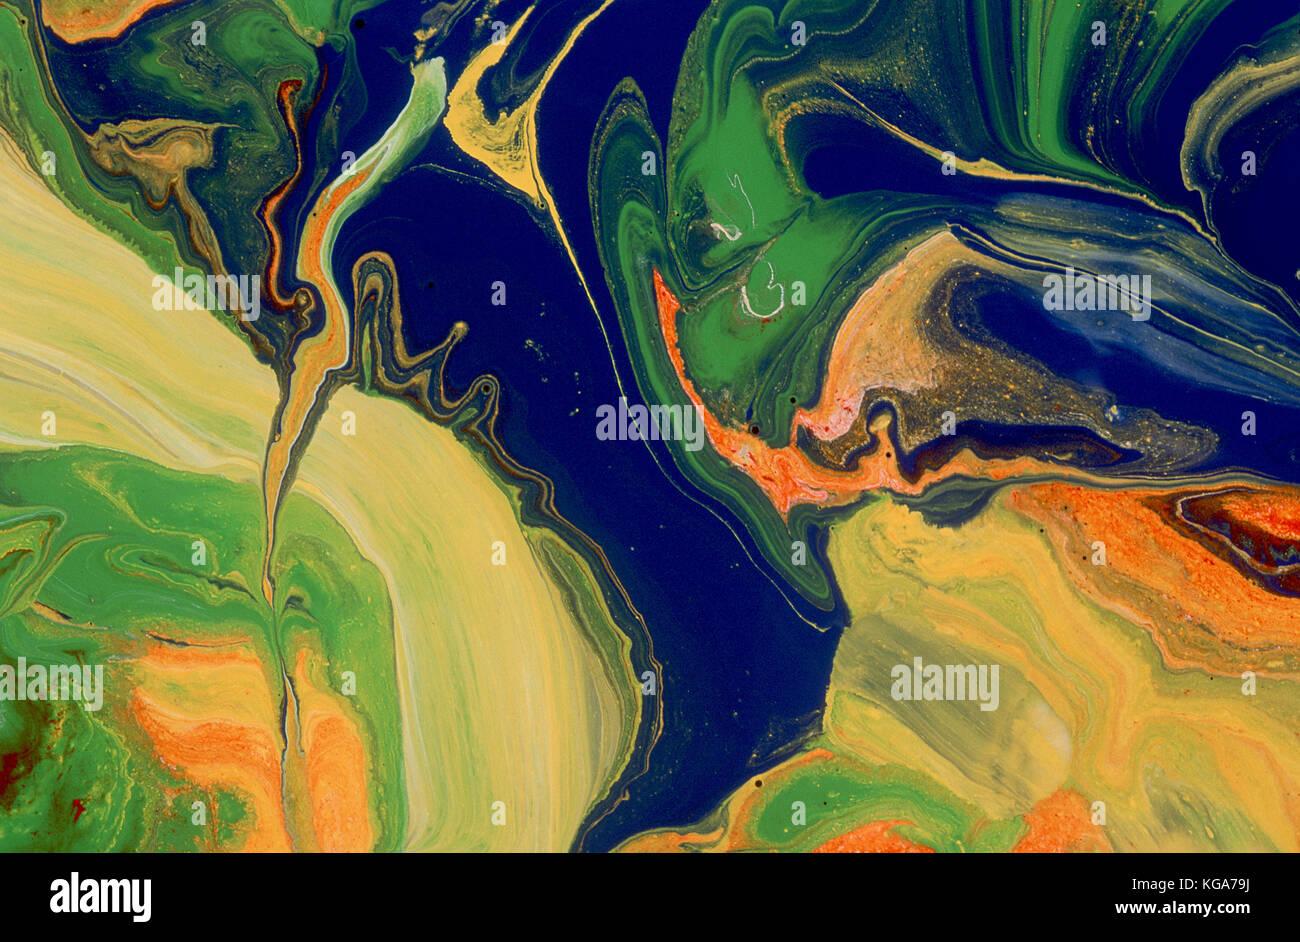 Rein abstrakten, begrifflichen Stockbild